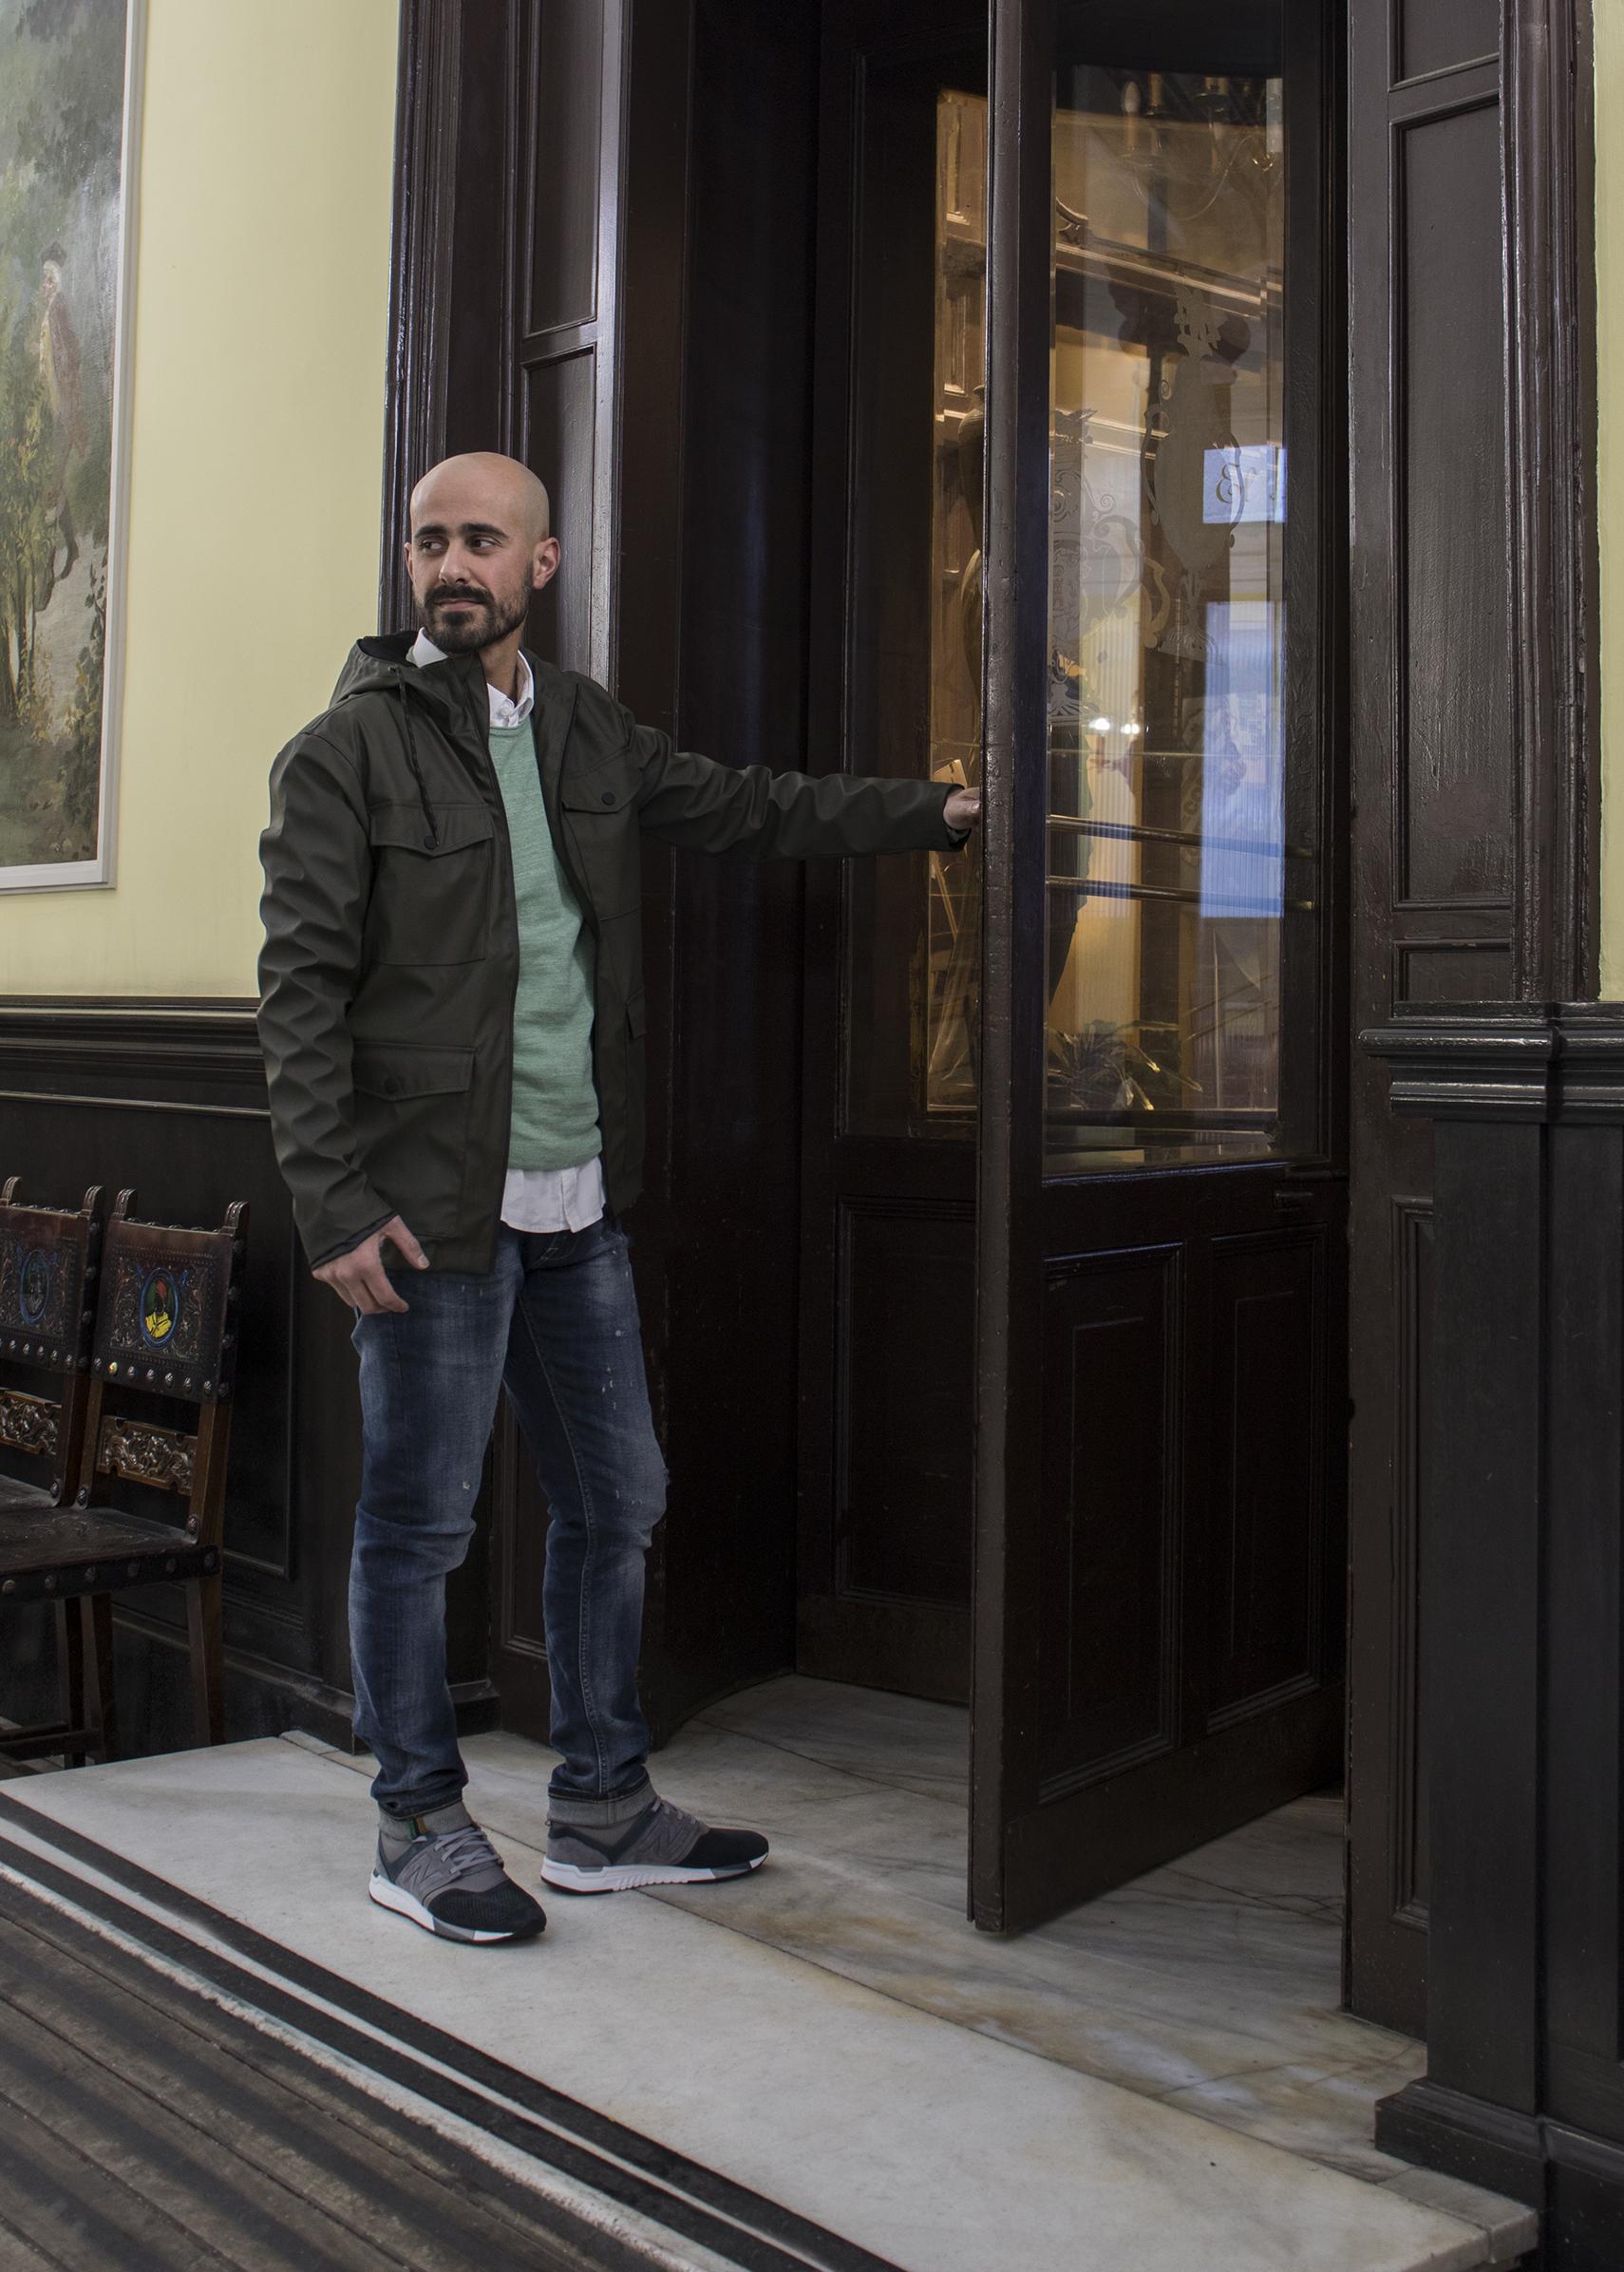 David look vaquero y jersey - REgalos día del Padreo Ourense 2018